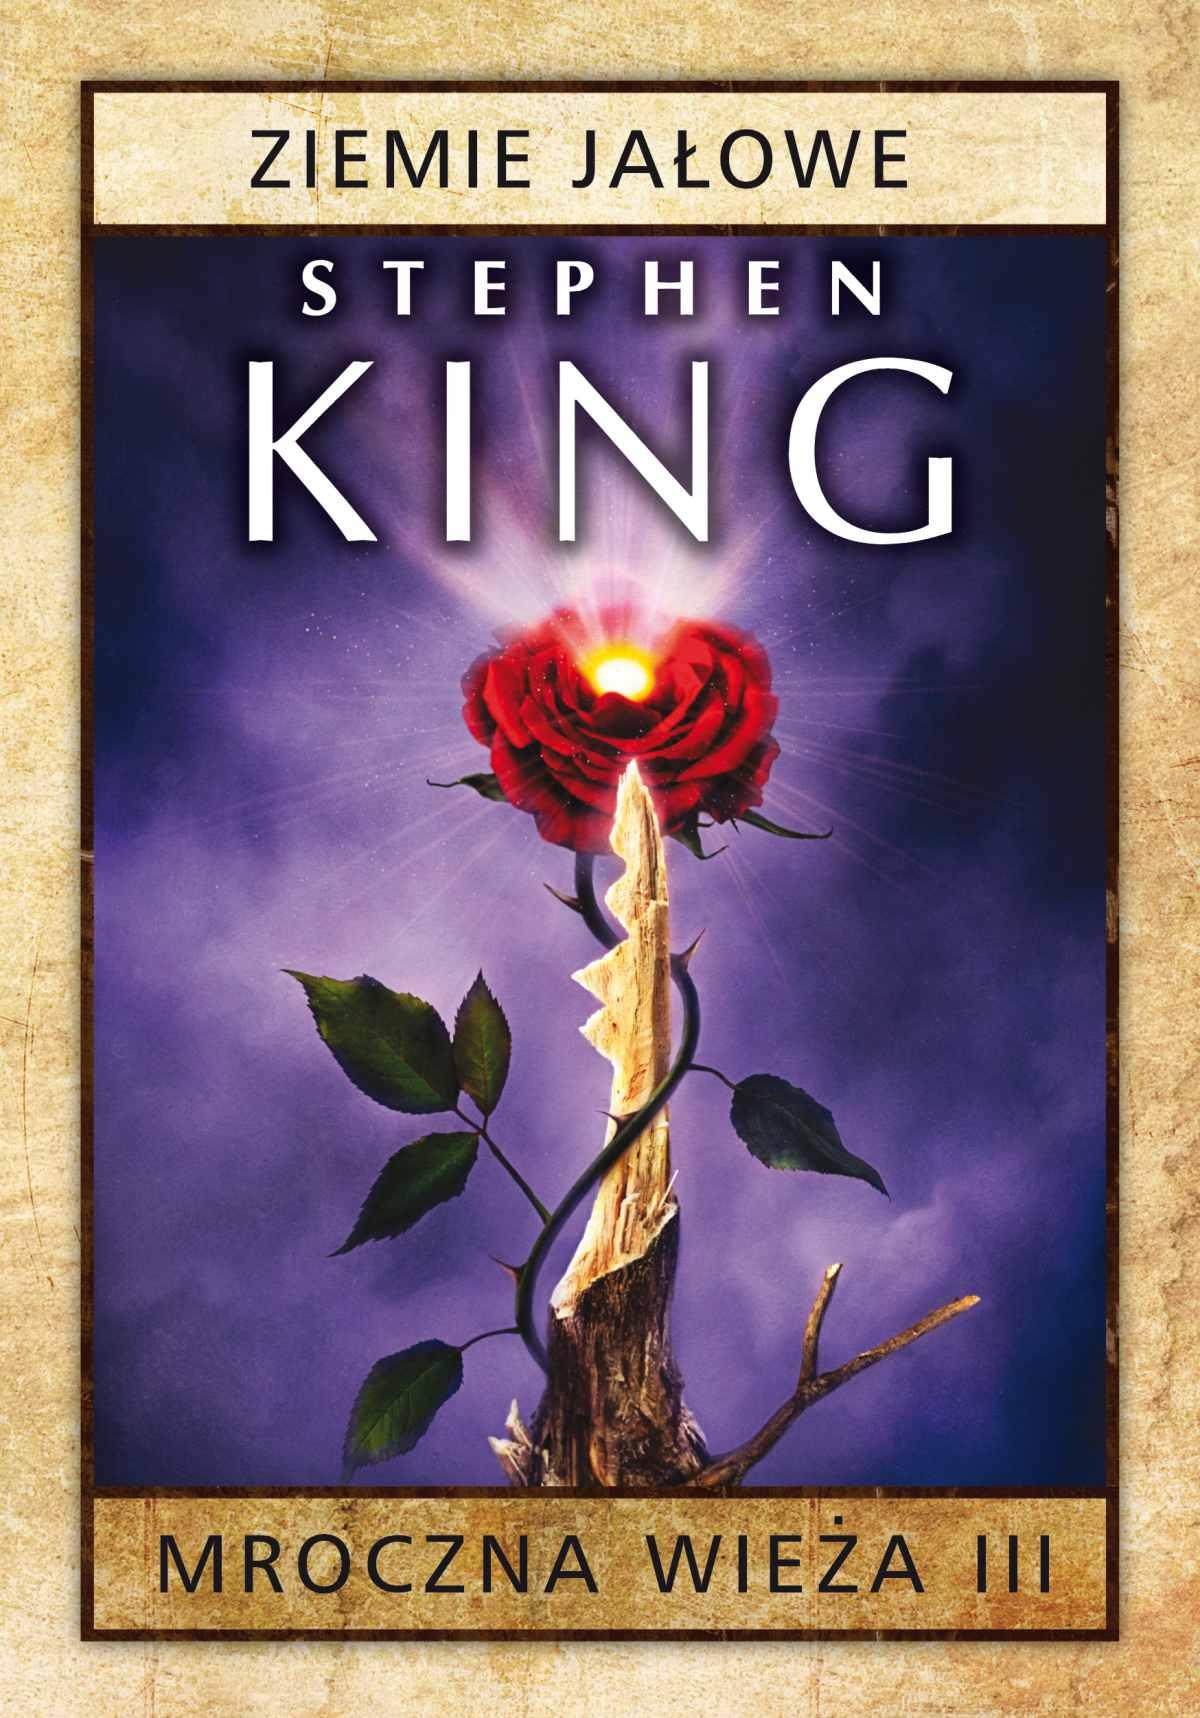 Mroczna Wieża III: Ziemie jałowe. Wydanie 2 - Ebook (Książka na Kindle) do pobrania w formacie MOBI